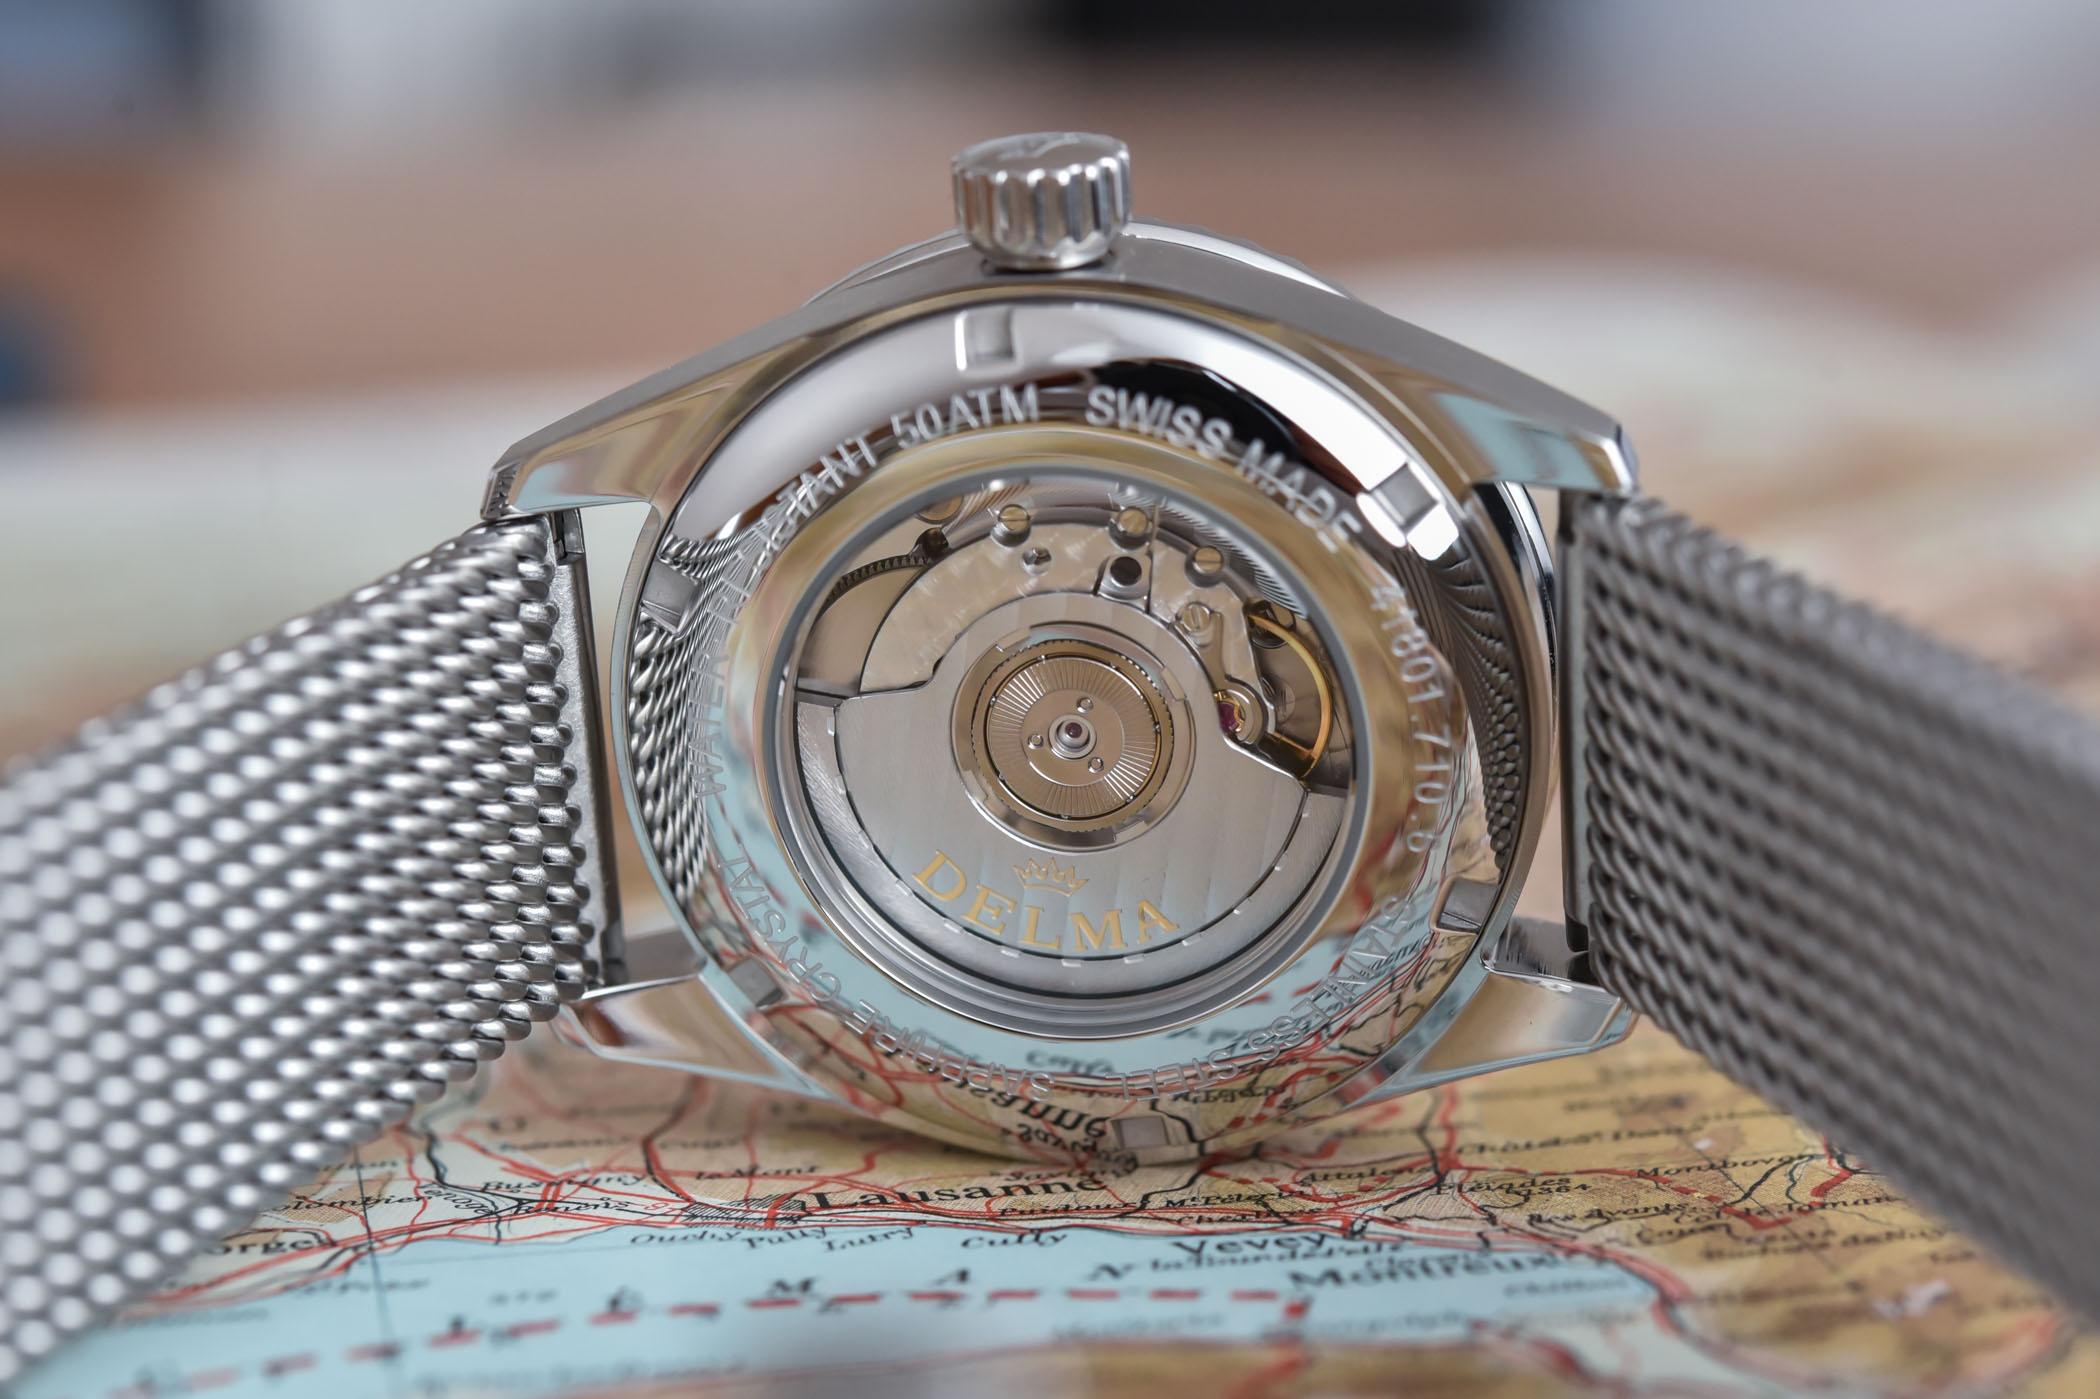 Delma Cayman Worldtimer Automatic